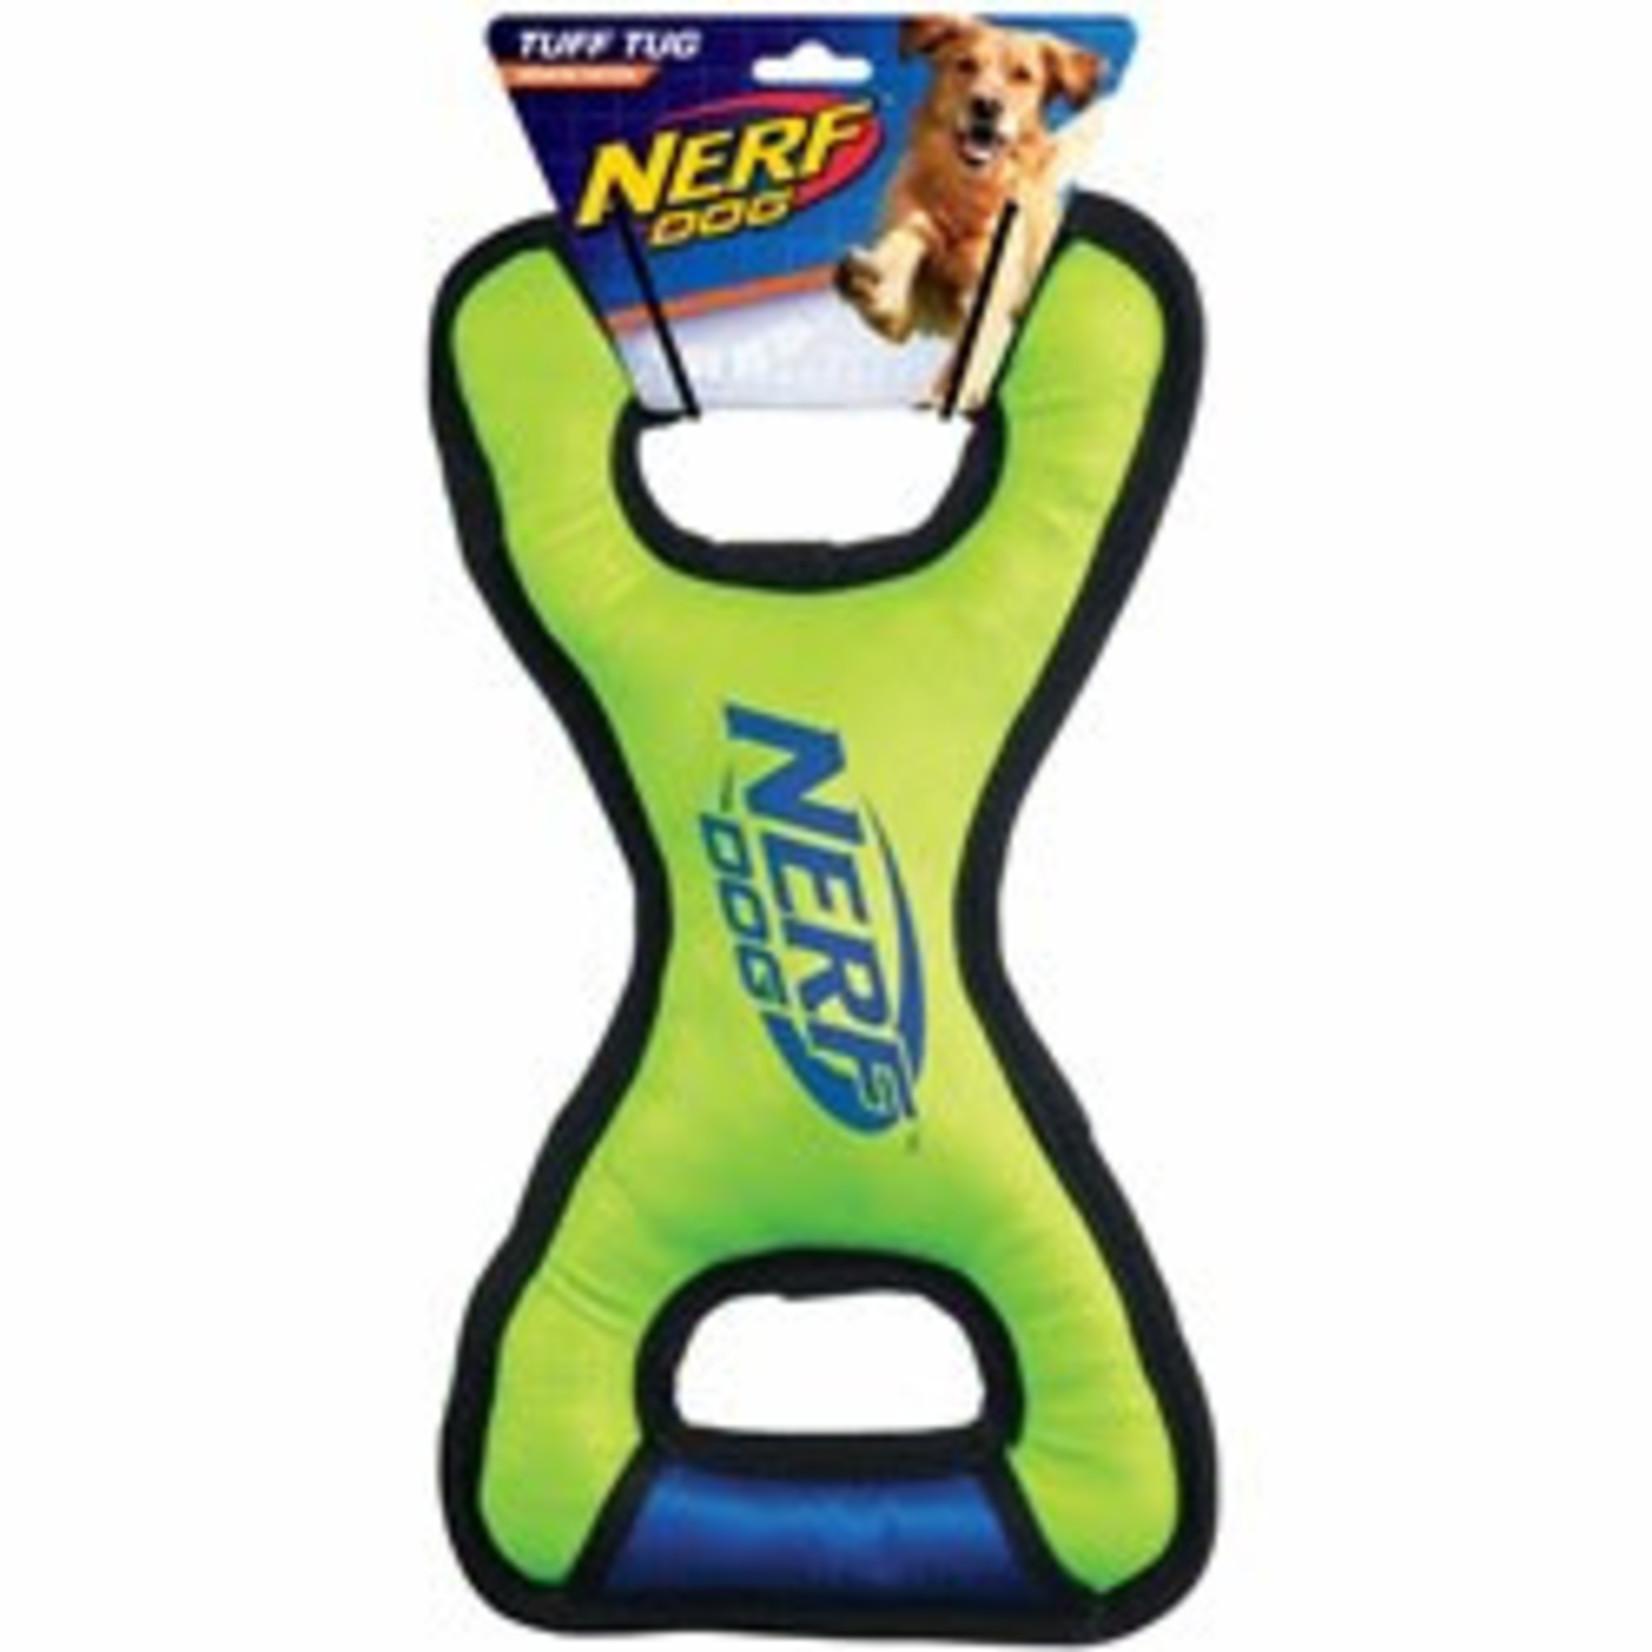 Nerf Trackshot Tuff Infinity Tug Dog Toy